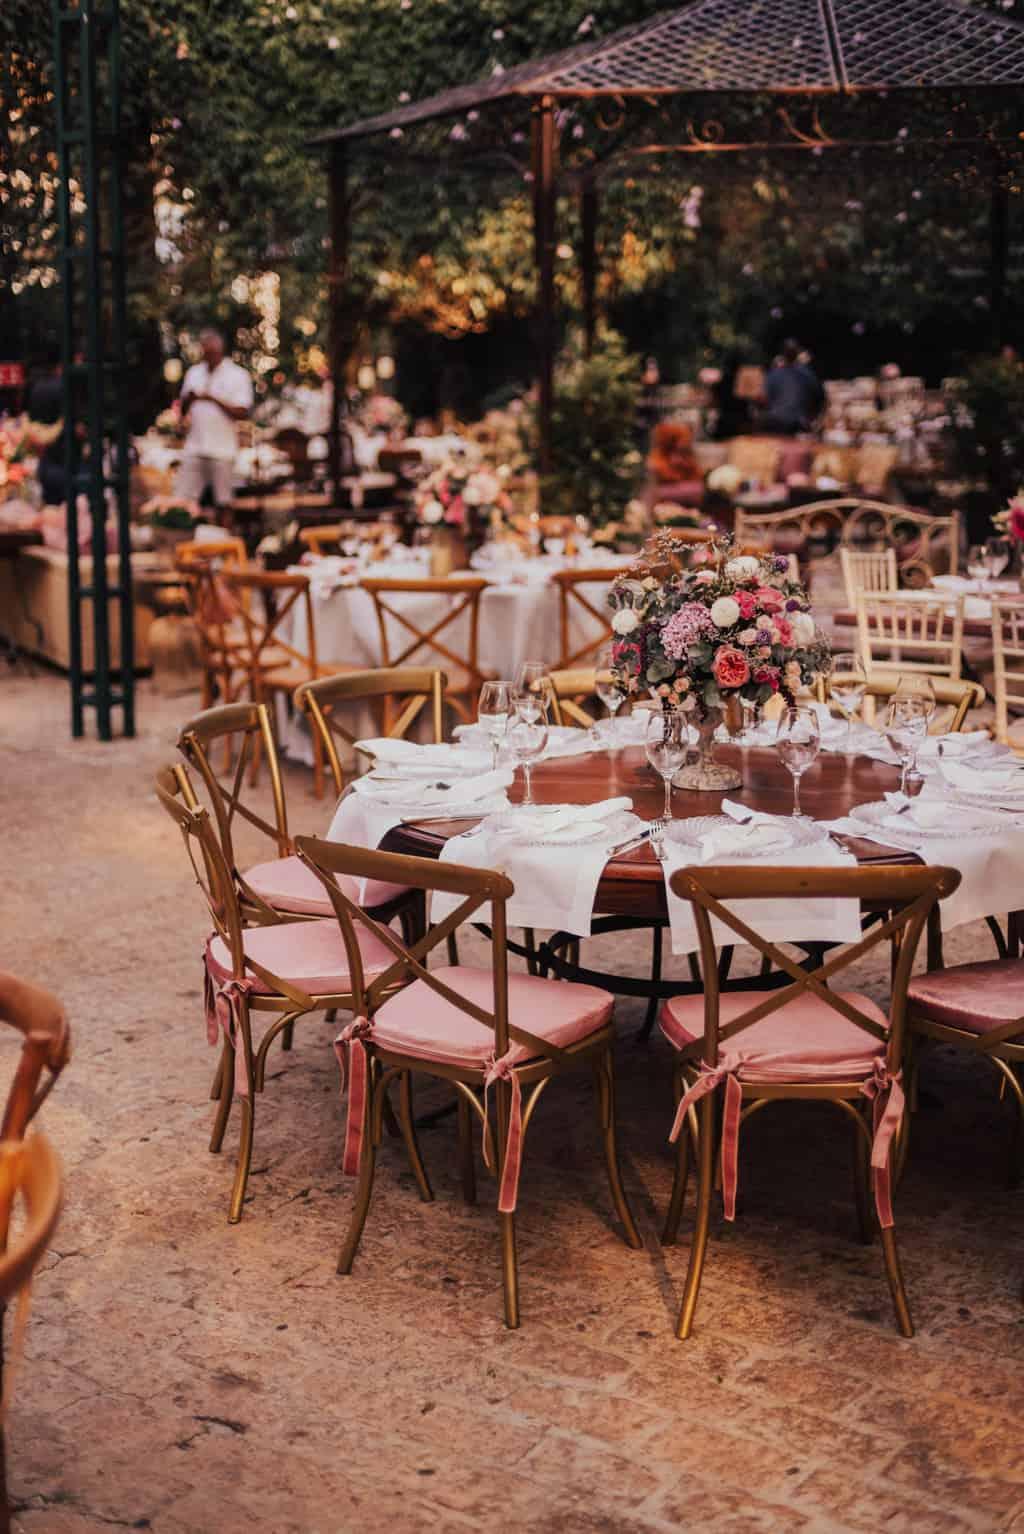 Boutique-de-Cena-casamento-Rebeca-e-Eldrey-Fazenda-Vila-Rica-Fotografia-Mana-Gollo-Toda-de-Branco46